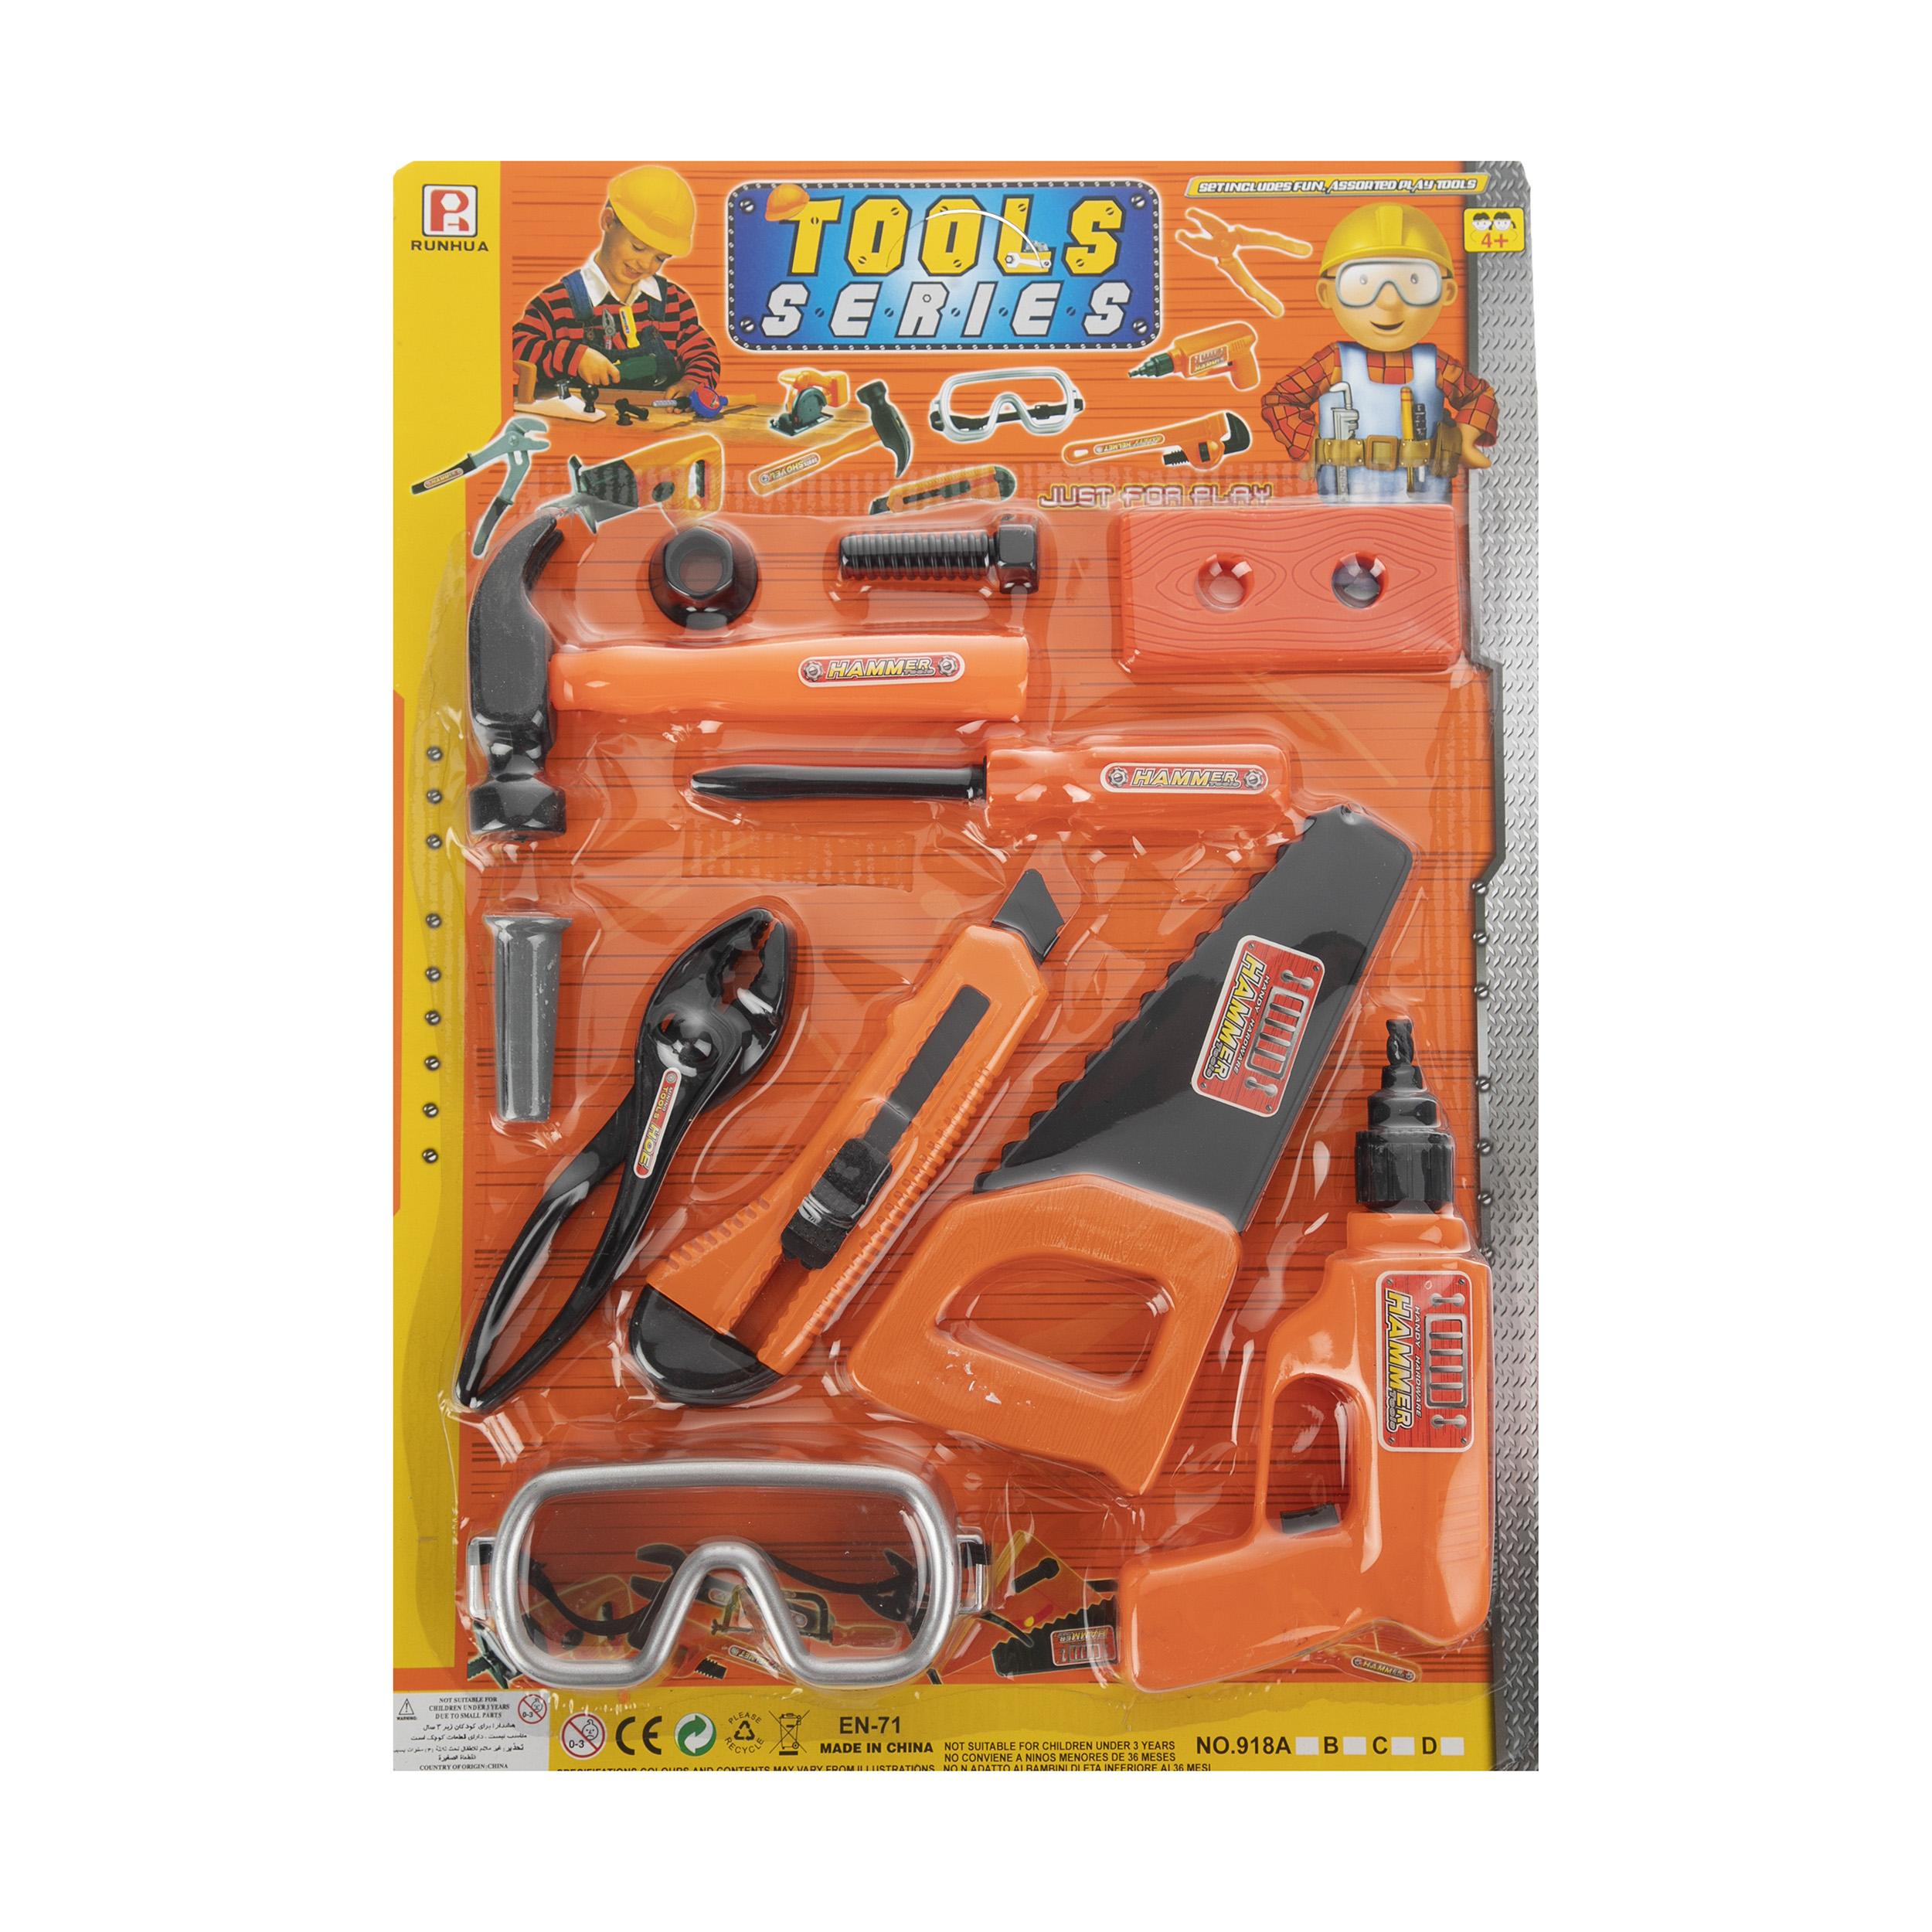 ست ابزار اسباب بازی کودک رونهوا مدل 918